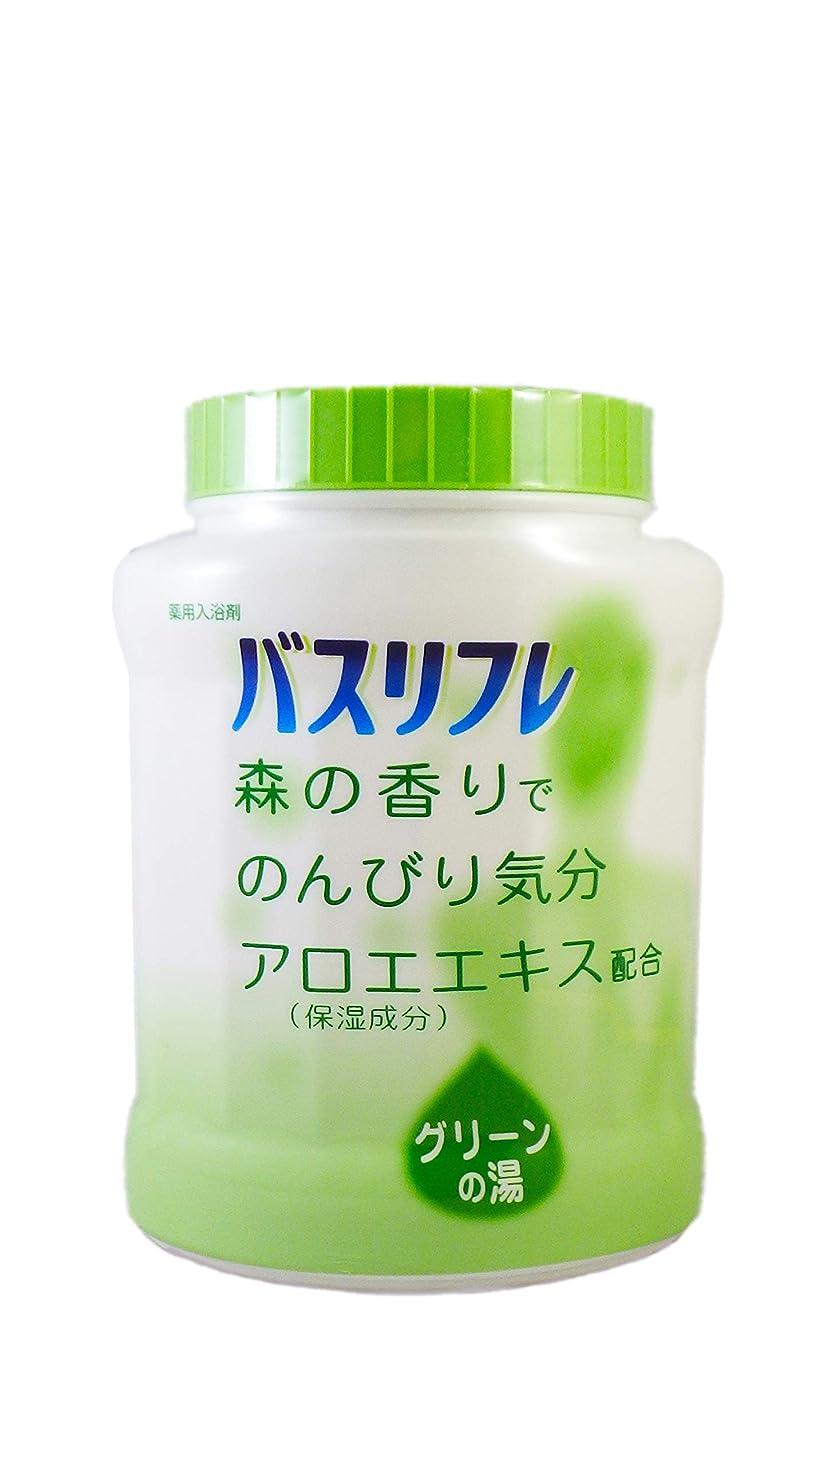 逆ボトル送料バスリフレ 薬用入浴剤 グリーンの湯 森の香りでのんびり気分 天然保湿成分配合 医薬部外品 680g